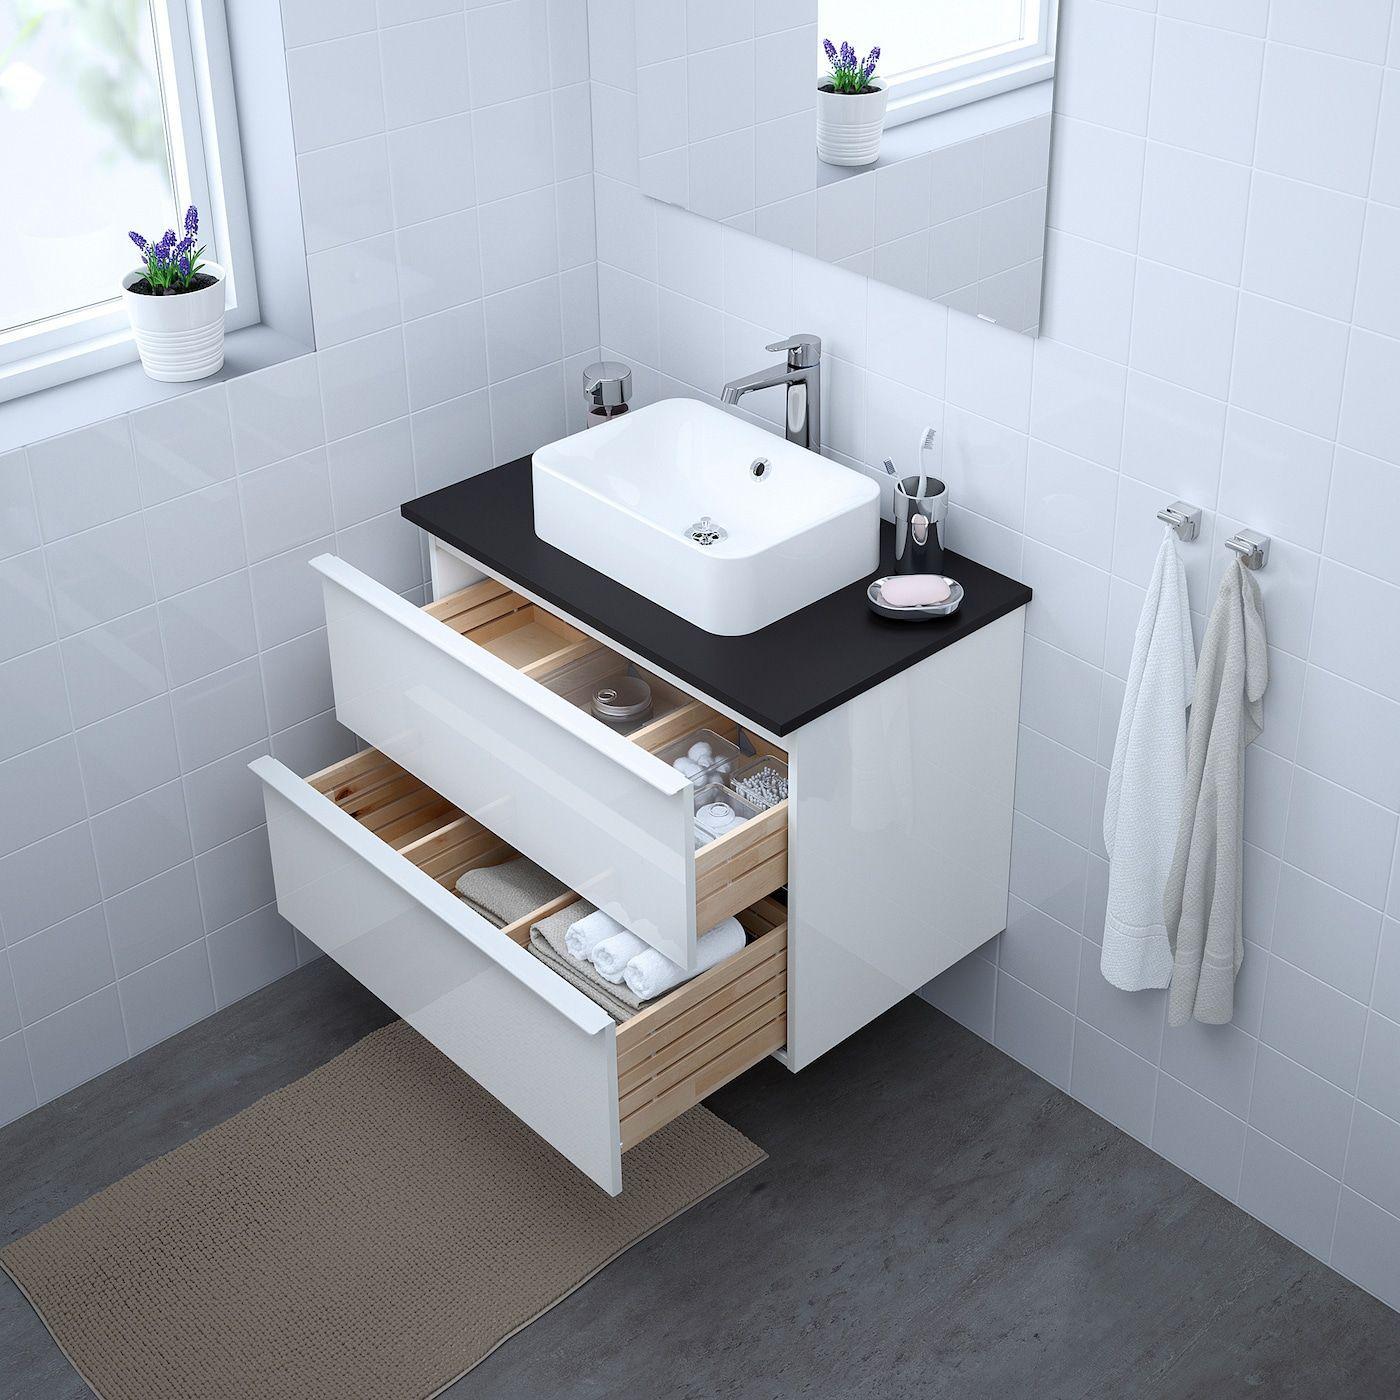 Schnell Abnehmen Bauch In 2020 Waschbeckenschrank Badezimmer Unterschrank Holz Waschbeckenunterschrank